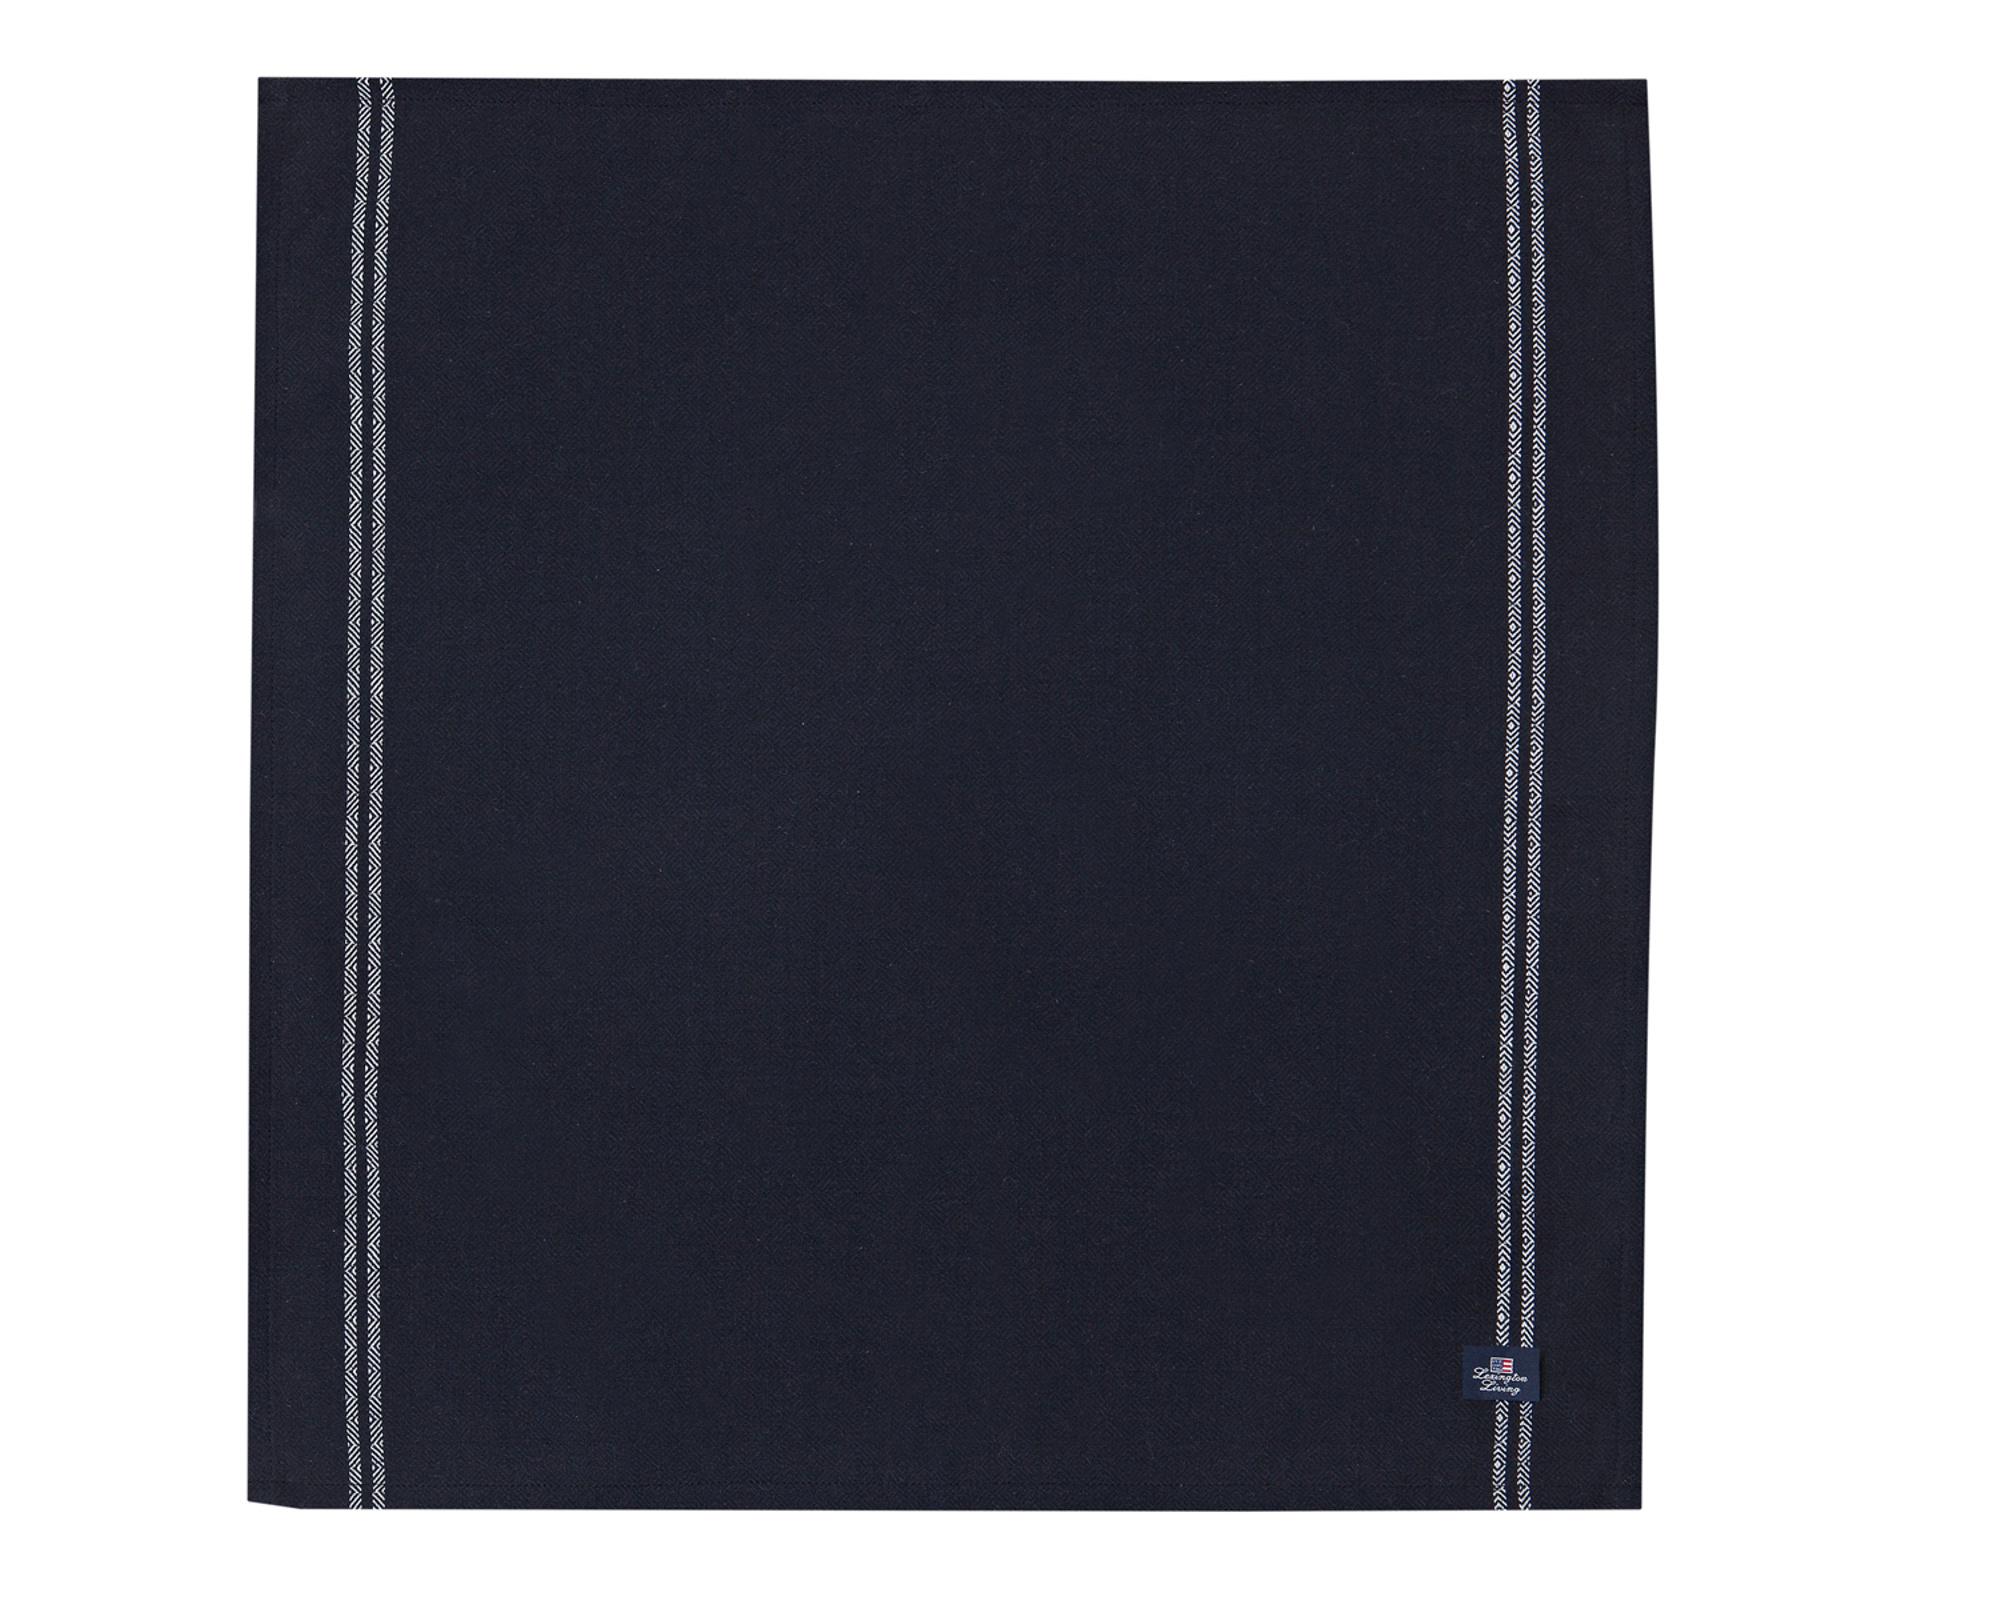 Structured Napkin, Black/White